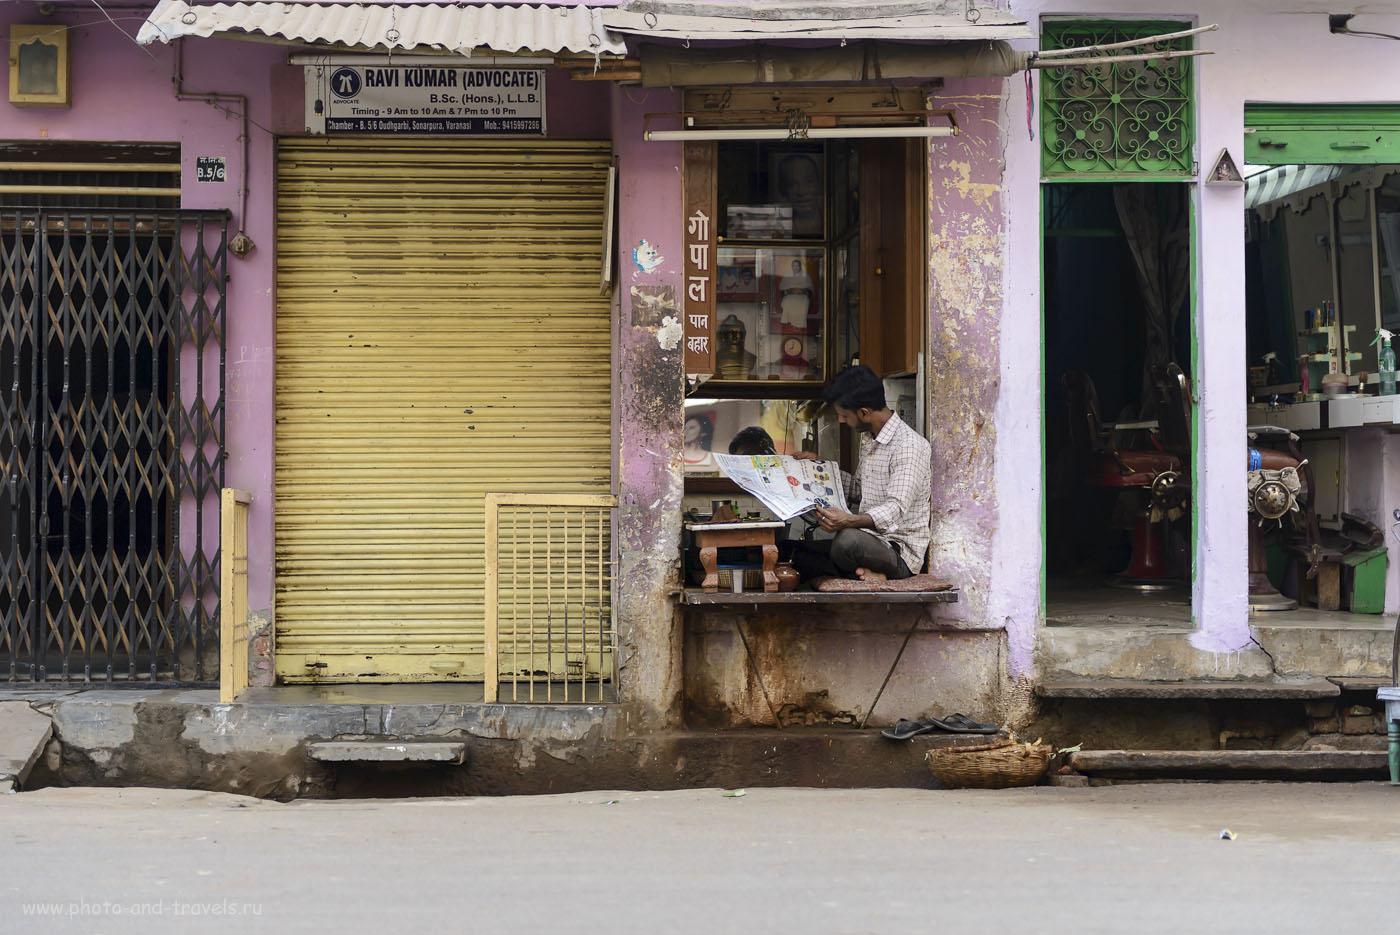 Фотография 17. Сосед адвоката Рави Кумар читает утреннюю газету. Отчет о поездке в Варанаси в Индии. 1/320, 2.8, 250, 58.